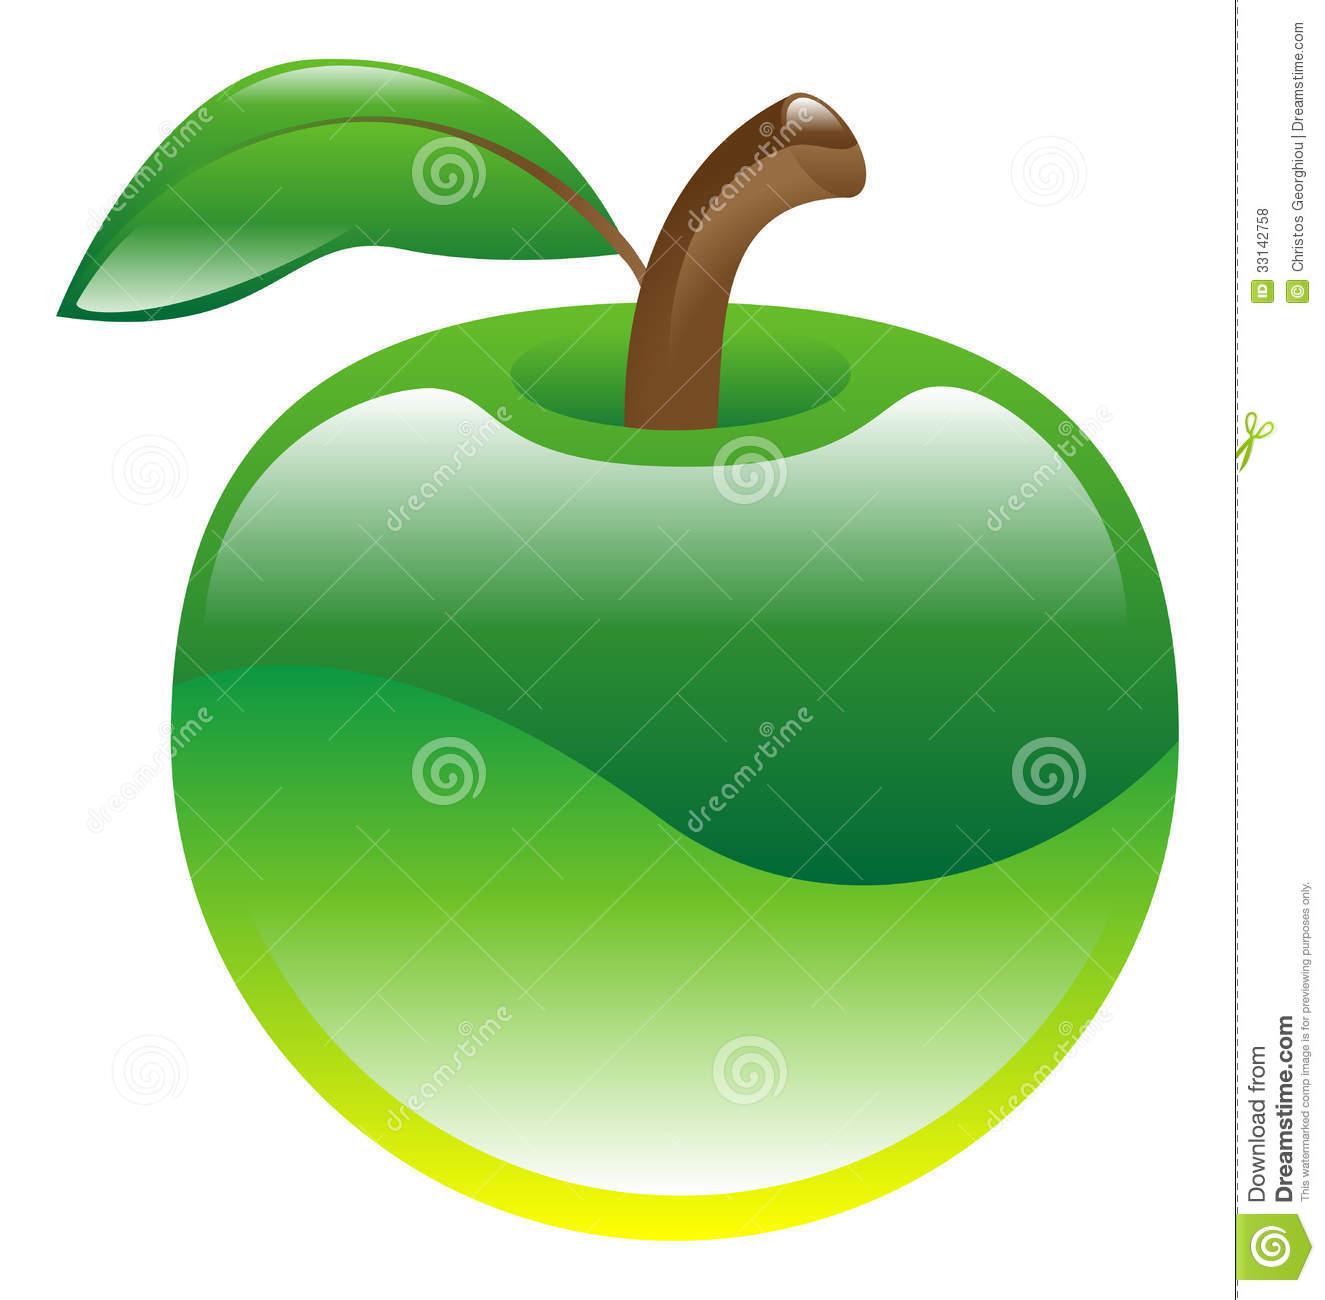 Apple fruit images clip art.